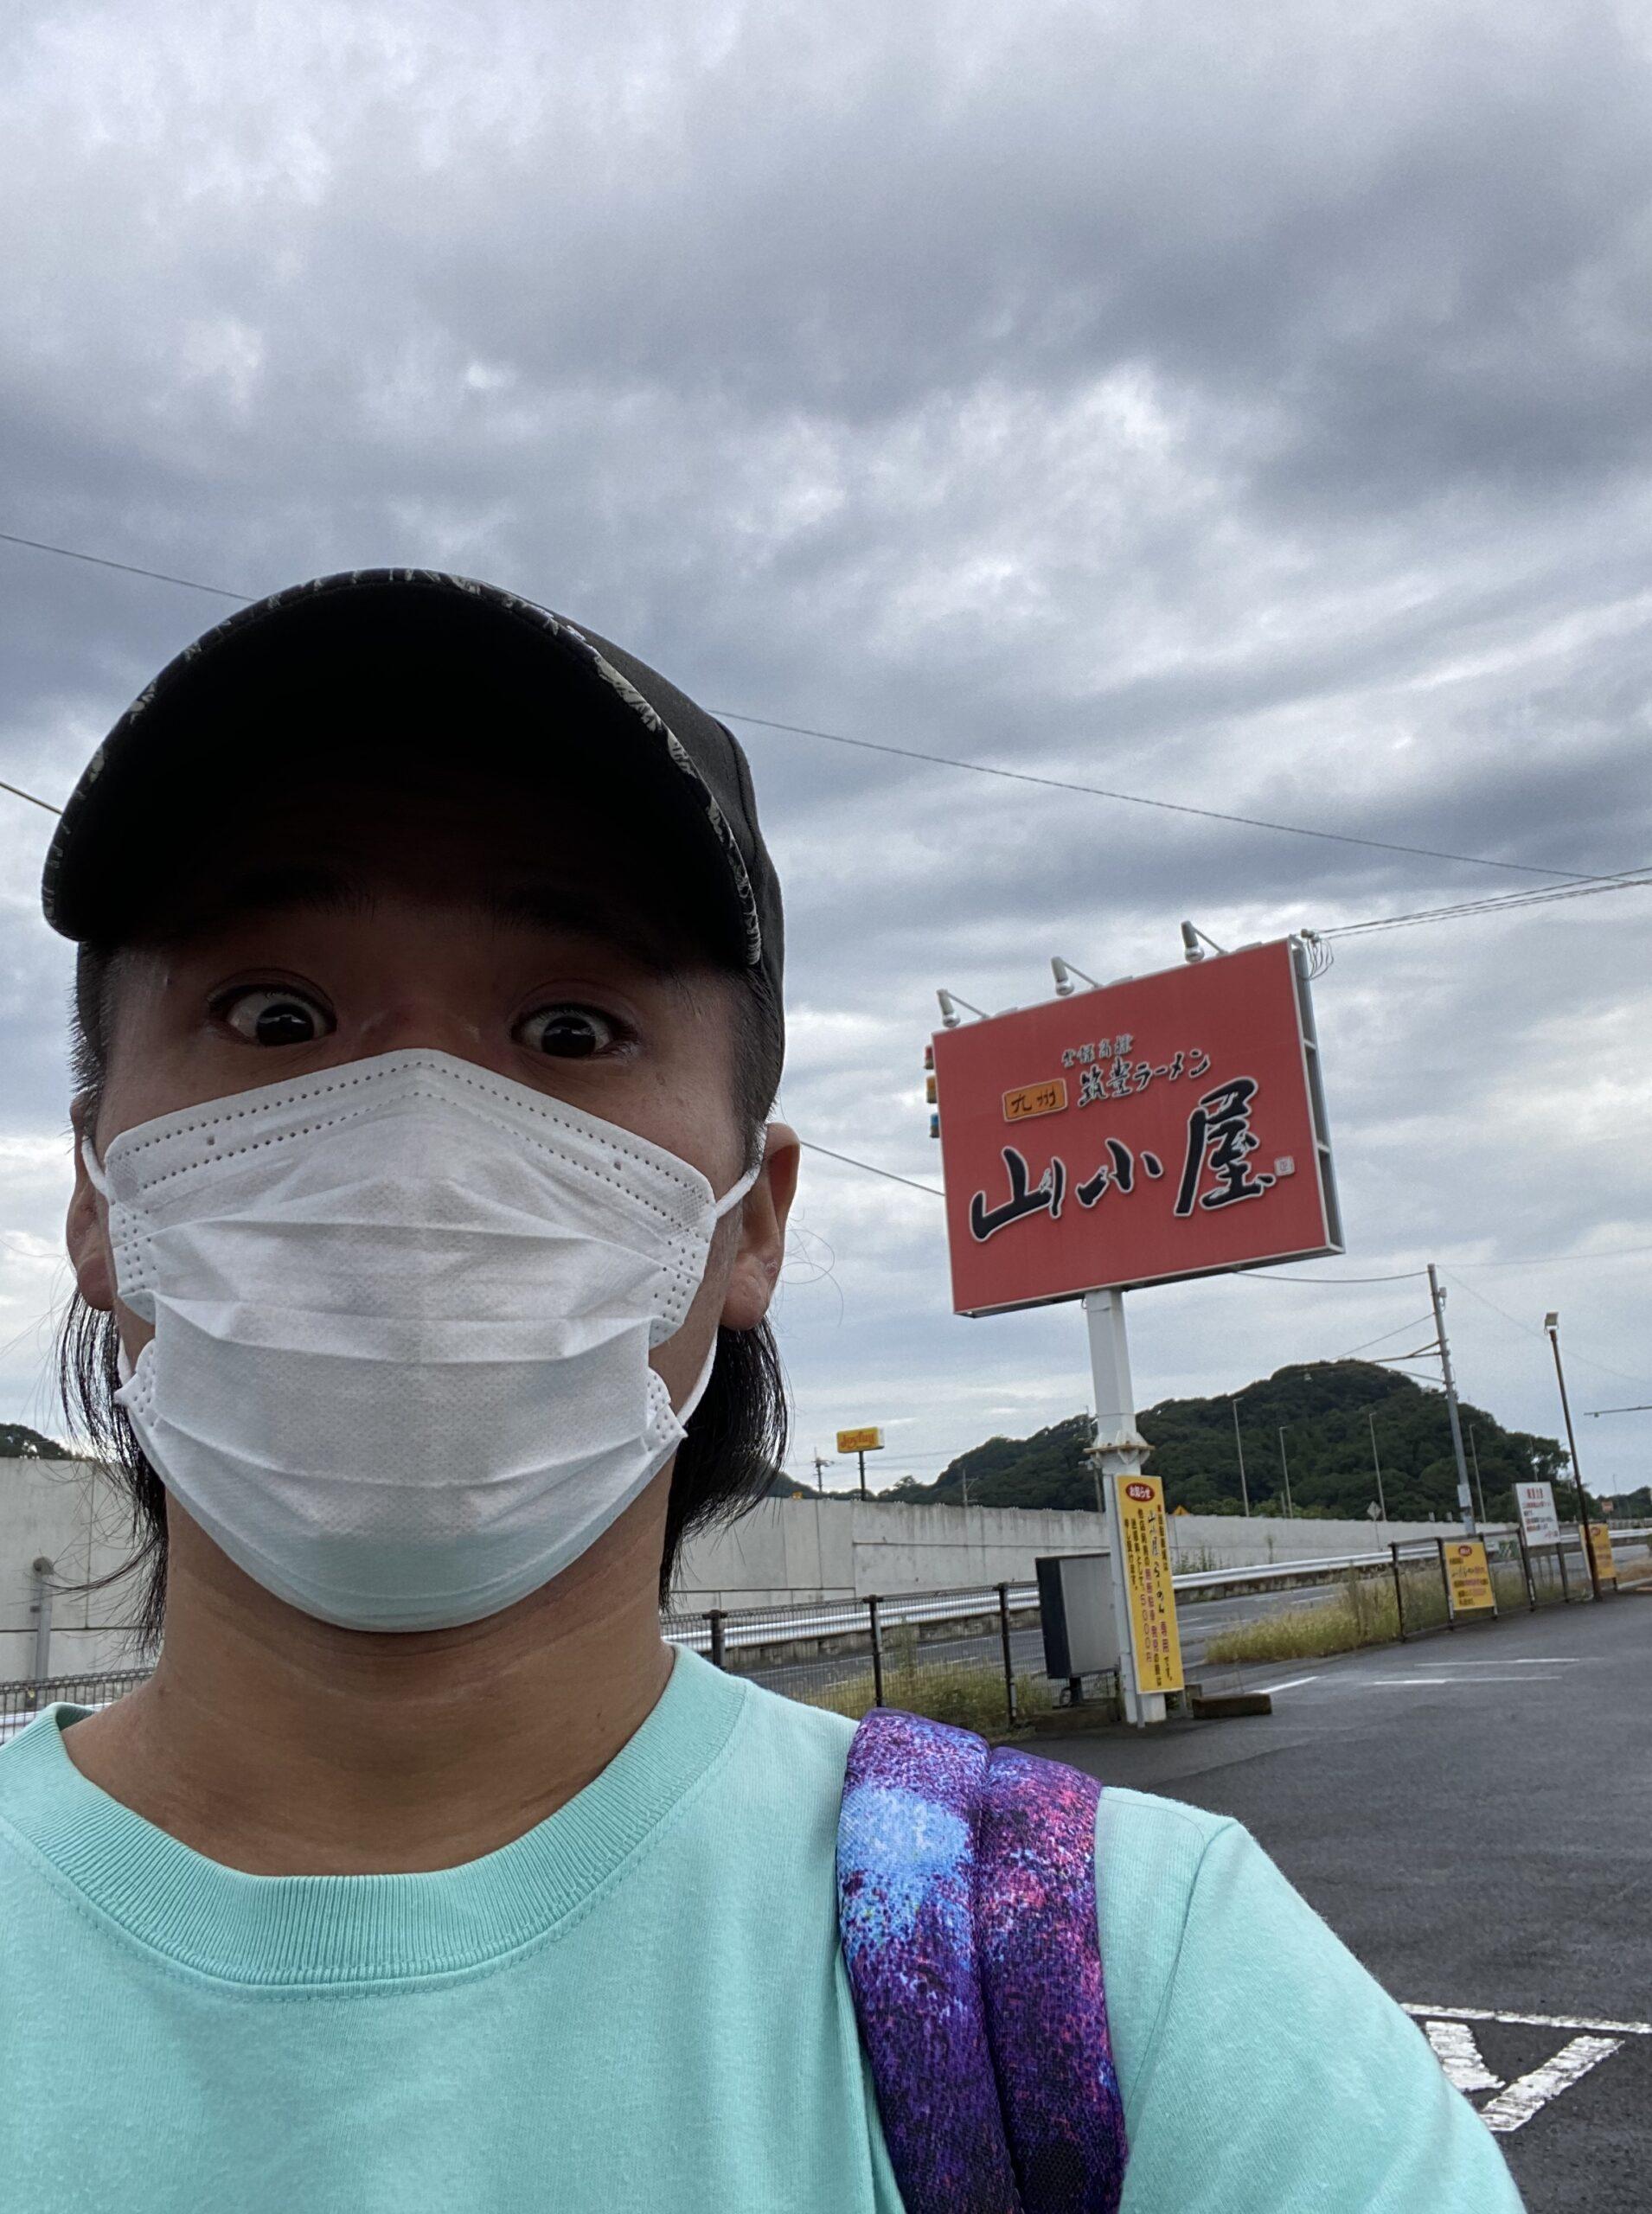 長崎2daysありがとう!!